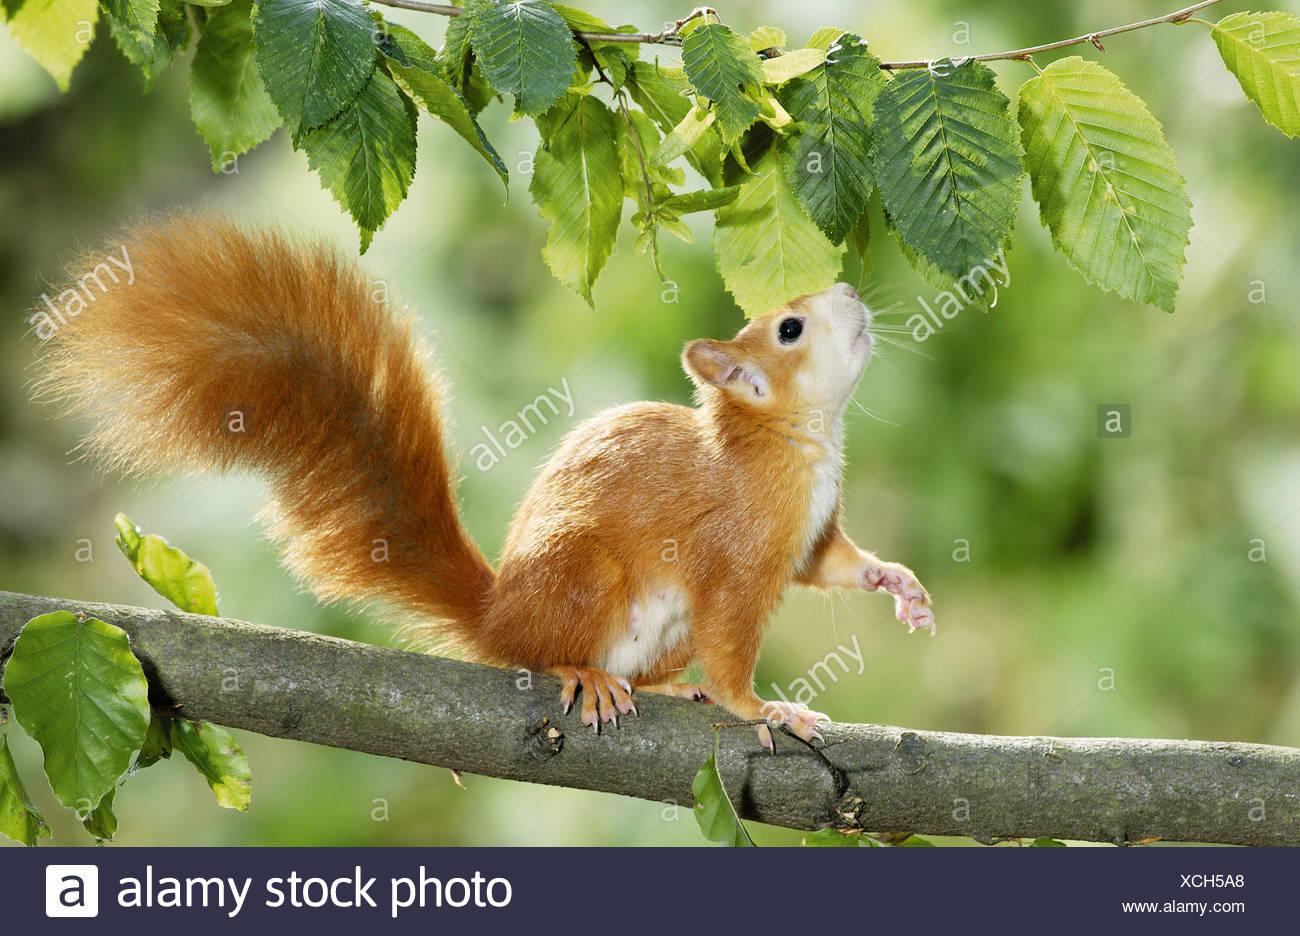 europäische eichhörnchen auf haselnuss baum stockfoto